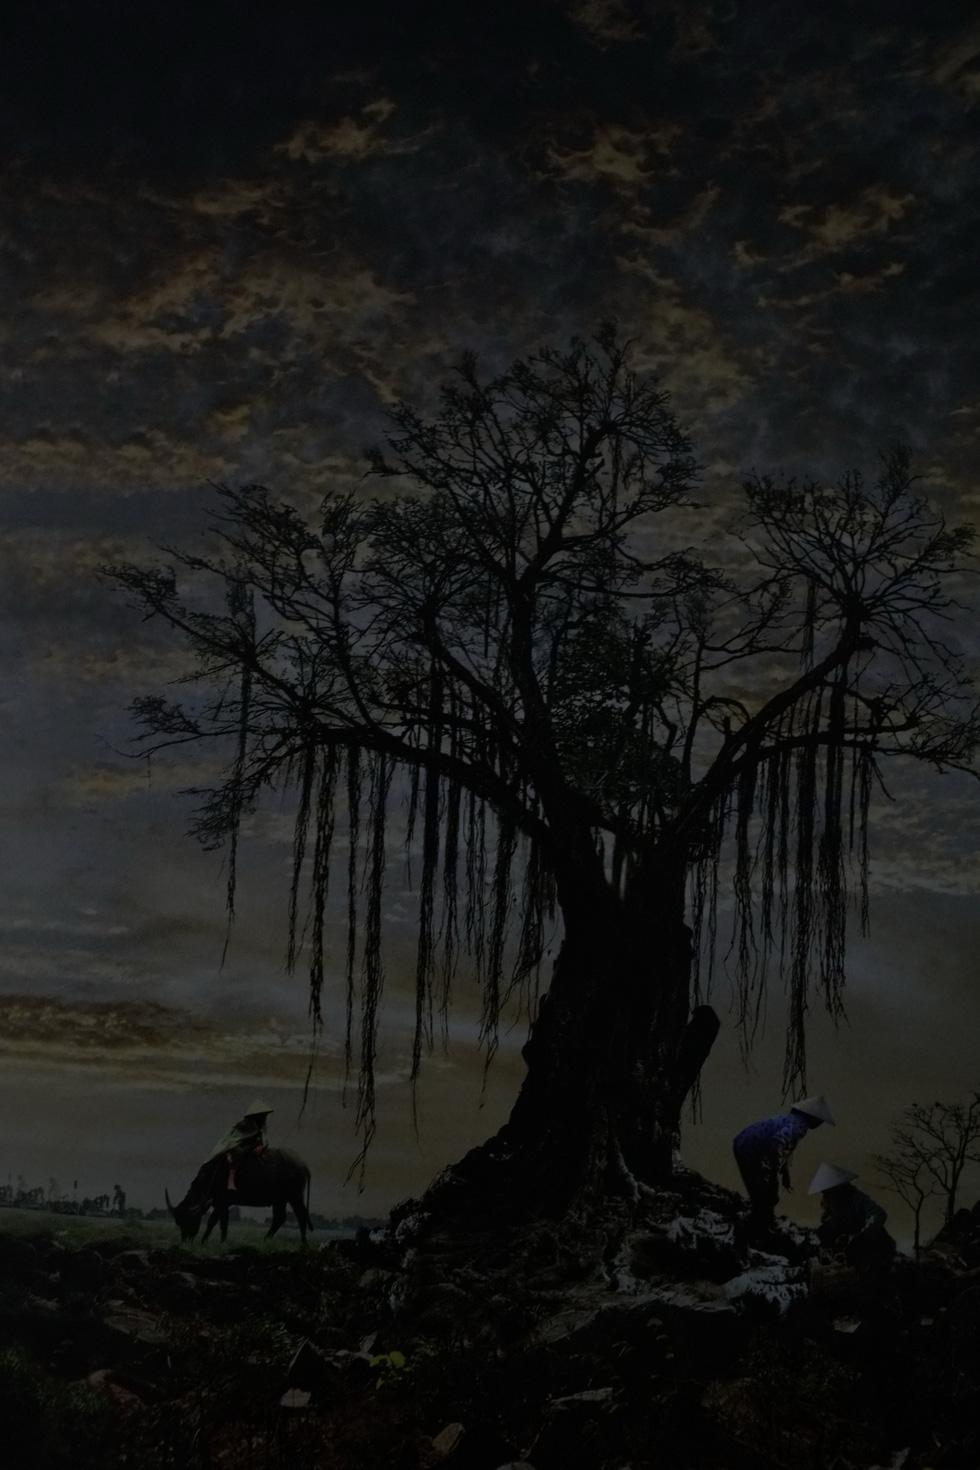 Vĩnh biệt đại thụ Nguyễn Mạnh Đan, người viết sử bằng ảnh 2 thế kỉ - Ảnh 17.